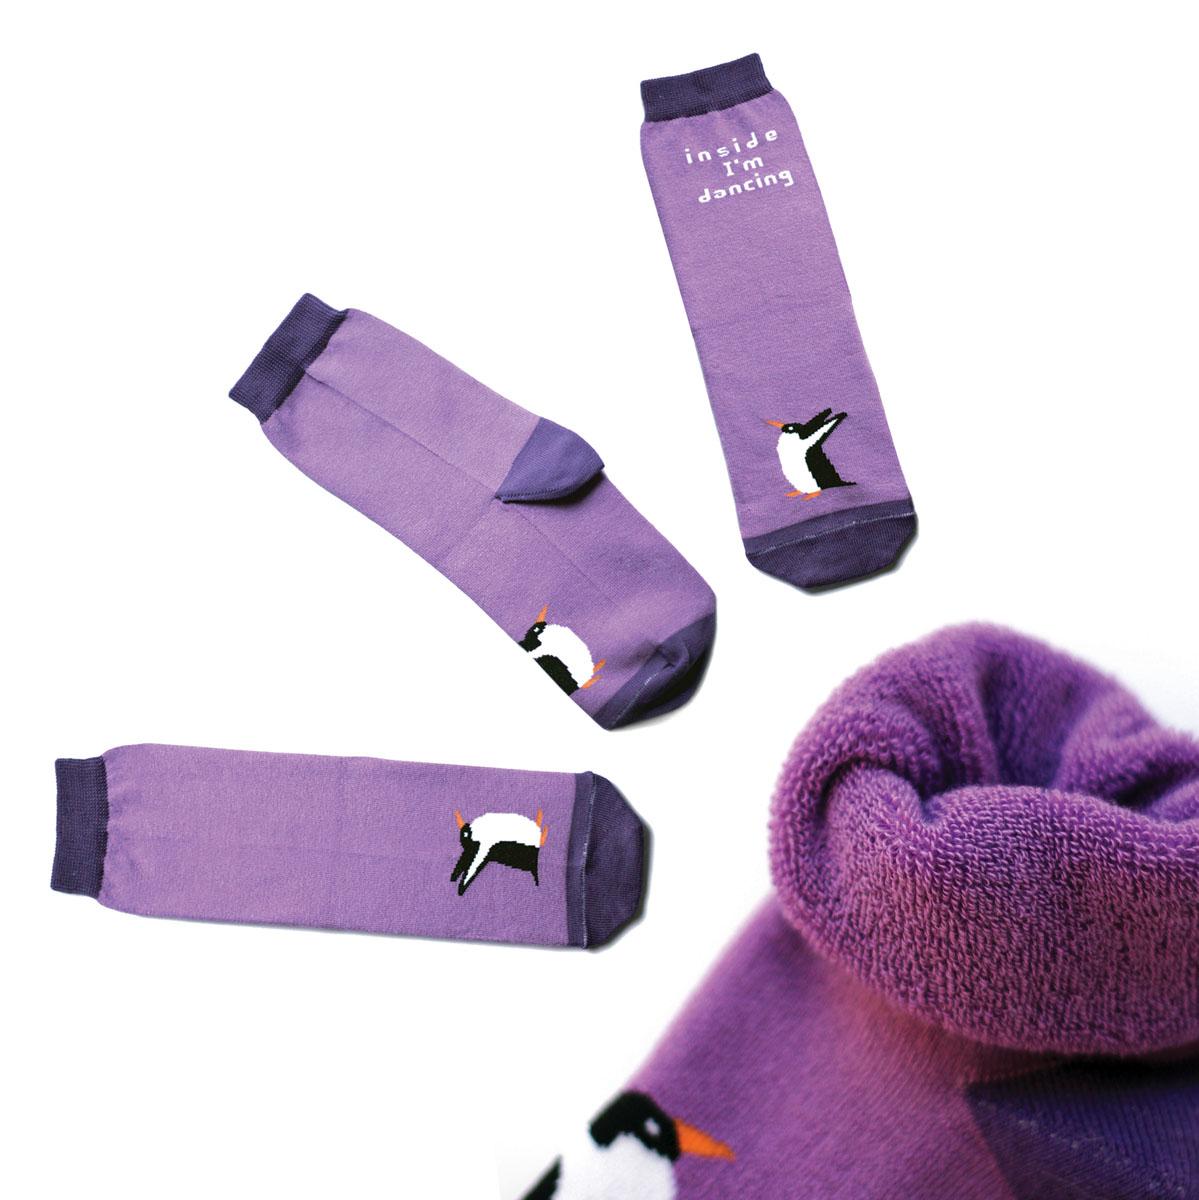 Носки женские Big Bang Socks, цвет: сиреневый, фиолетовый. ca1723. Размер 35/39ca1723Яркие женские носки Big Bang Socks изготовлены из высококачественного хлопка с добавлением полиамидных и эластановых волокон, которые обеспечивают великолепную посадку. Носки отличаются ярким стильным дизайном. Они оформлены изображением пингвина и надписью на английском языке. Удобная резинка идеально облегает ногу и не пережимает сосуды, усиленные пятка и мысок повышают износоустойчивость носка, а удлиненный паголенок придает более эстетичный вид. Дизайнерские носки Big Bang Socks - яркая деталь в вашем образе и оригинальный подарок для друзей и близких.